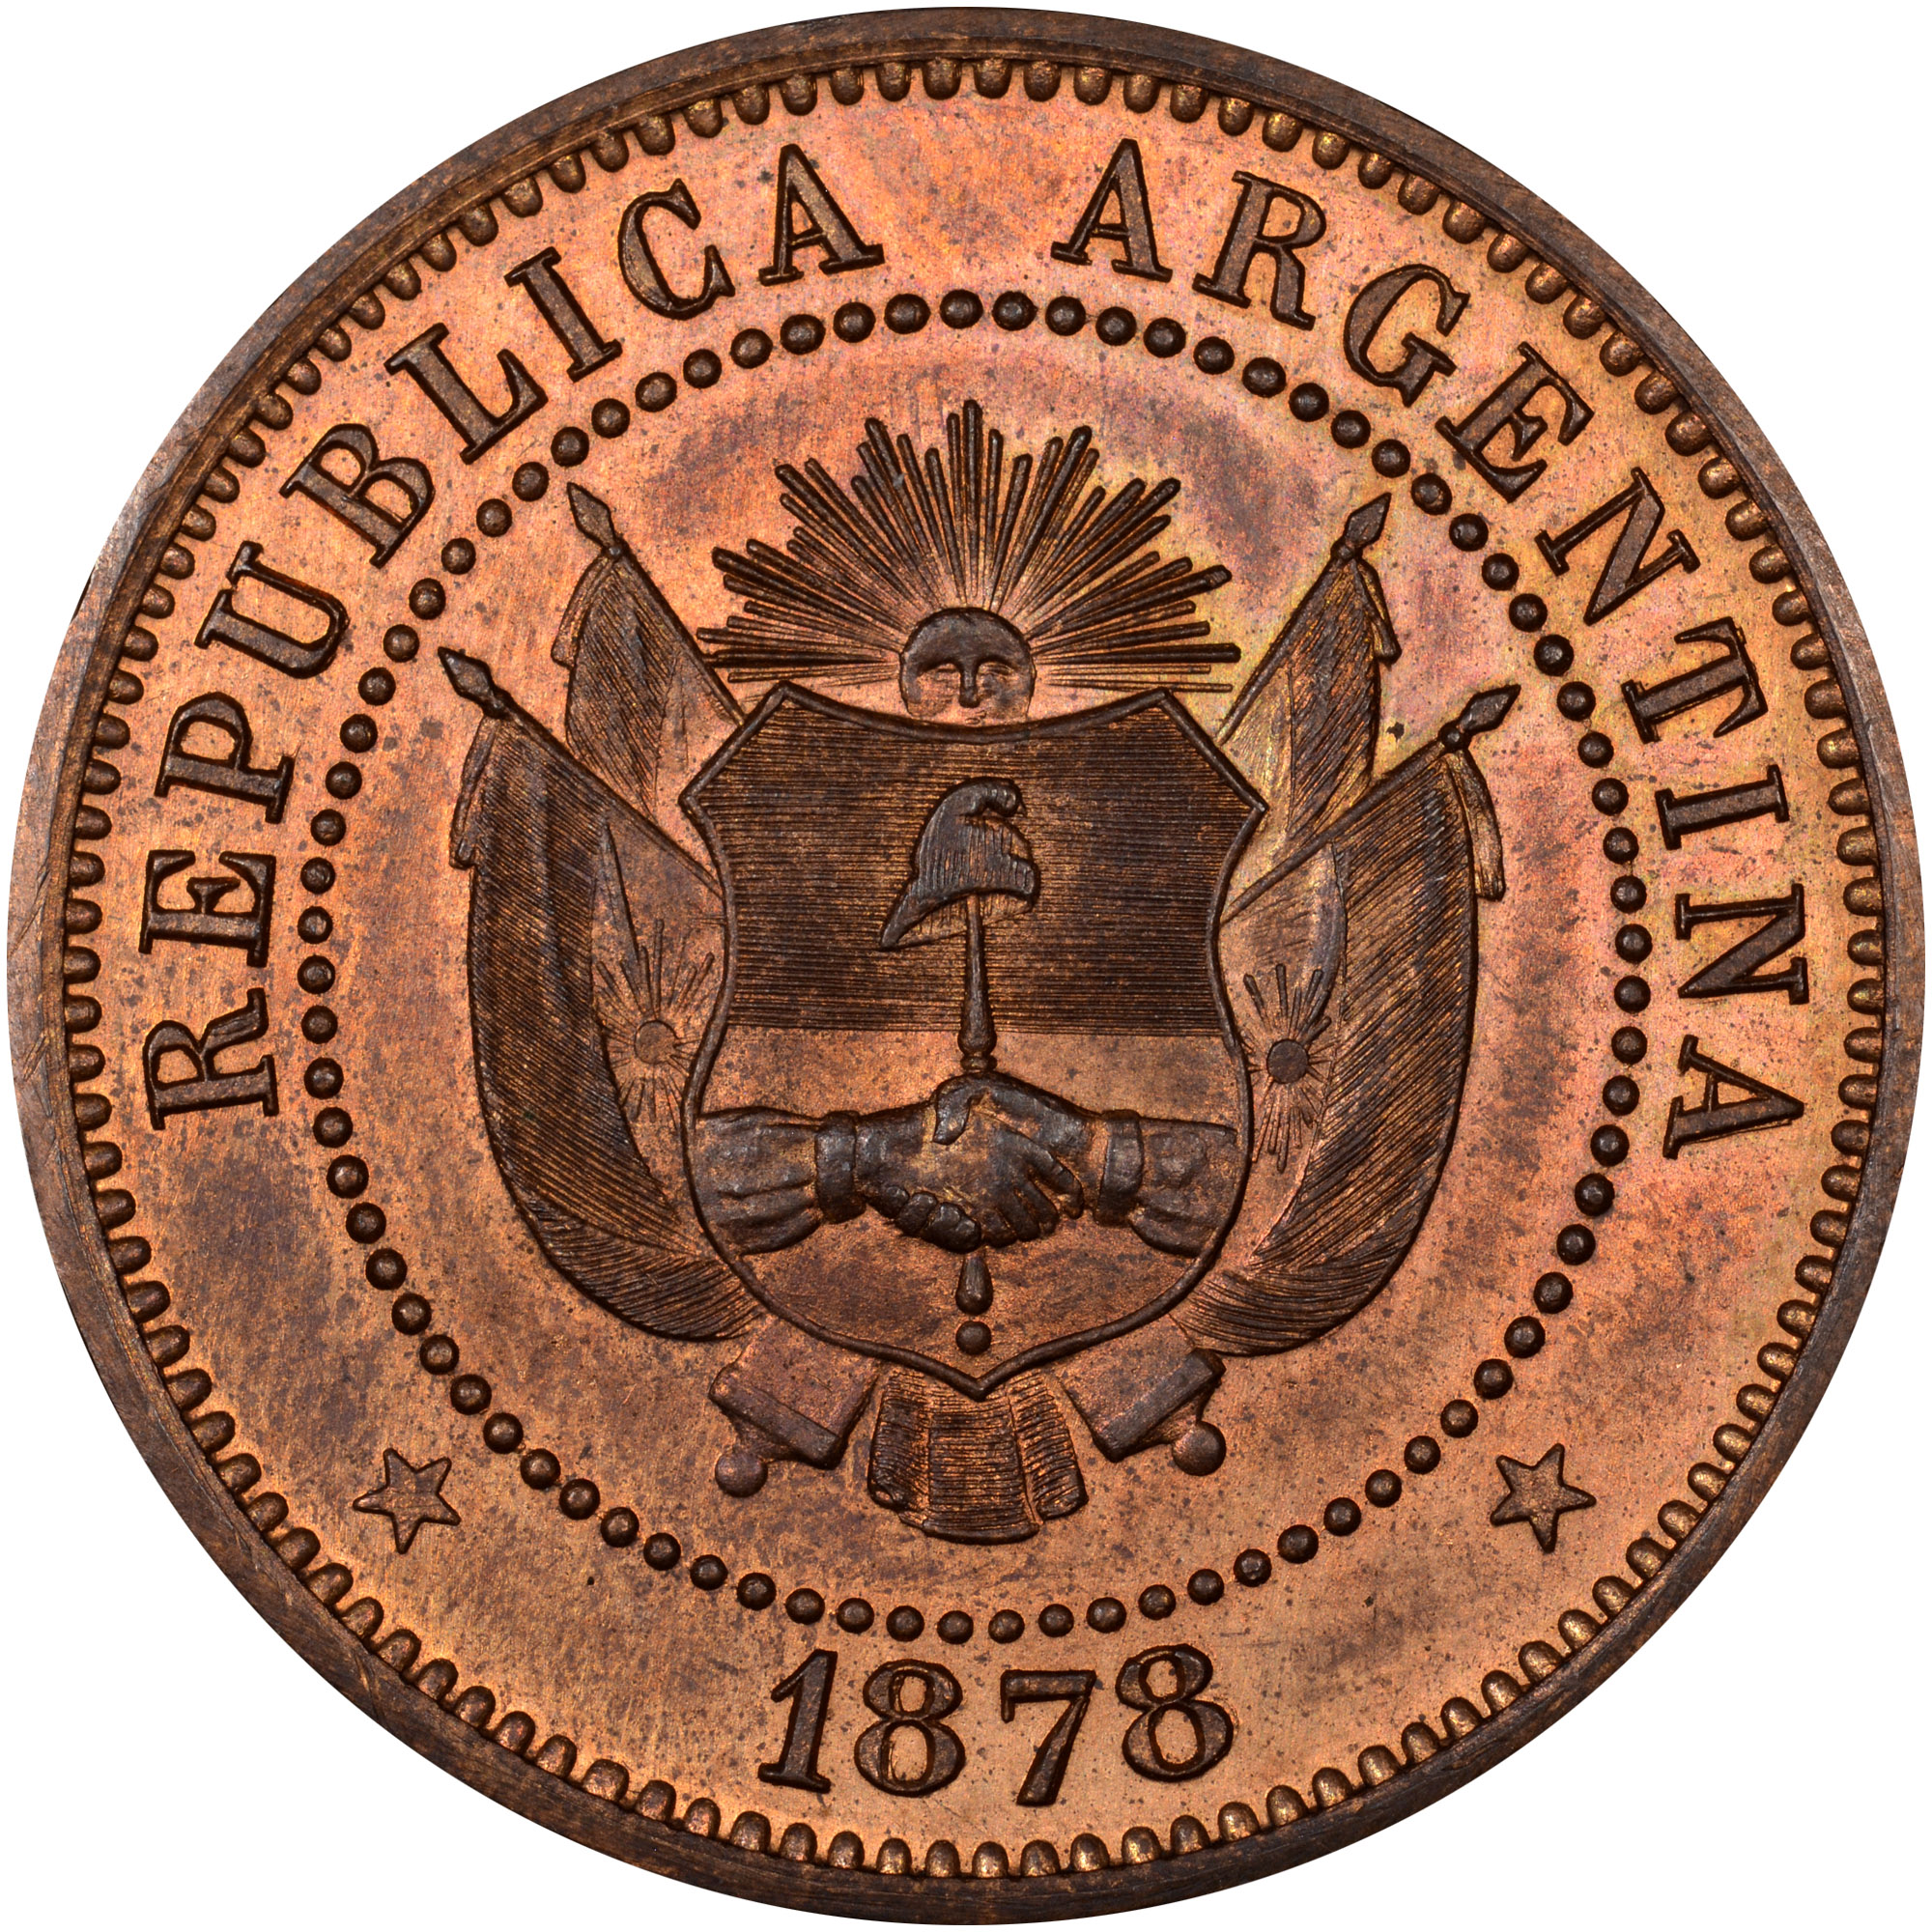 1878 Argentina 2 Centavos obverse